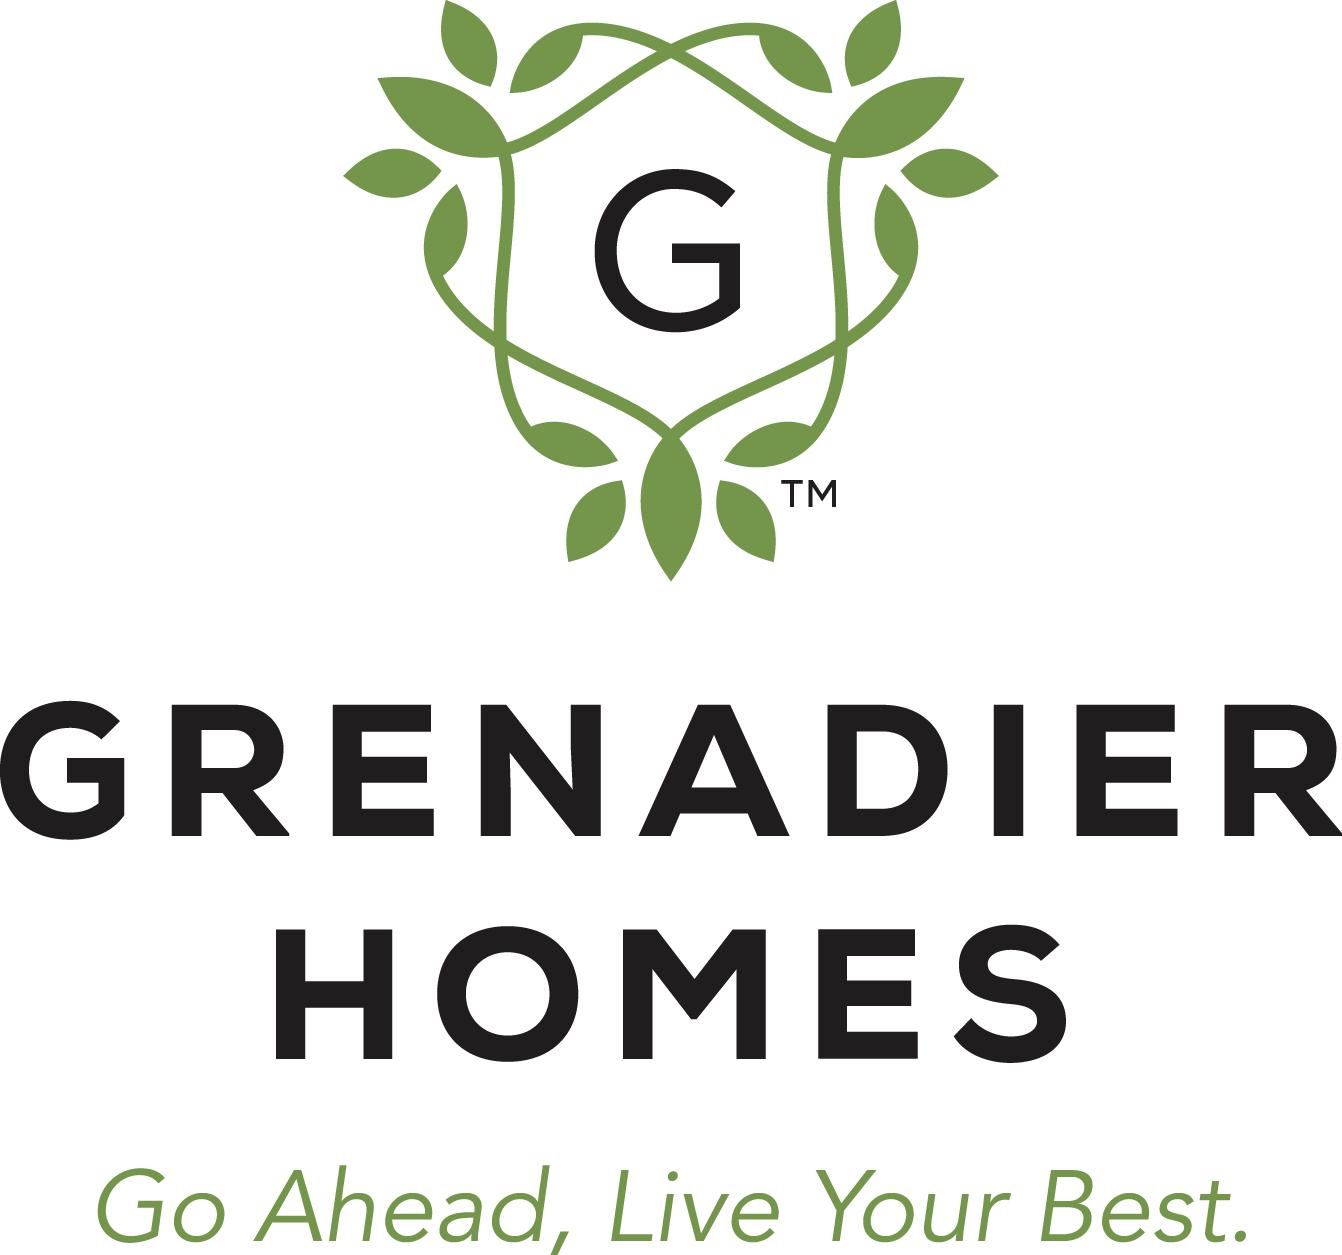 GrenadierHomes_Tag_RGB.jpg